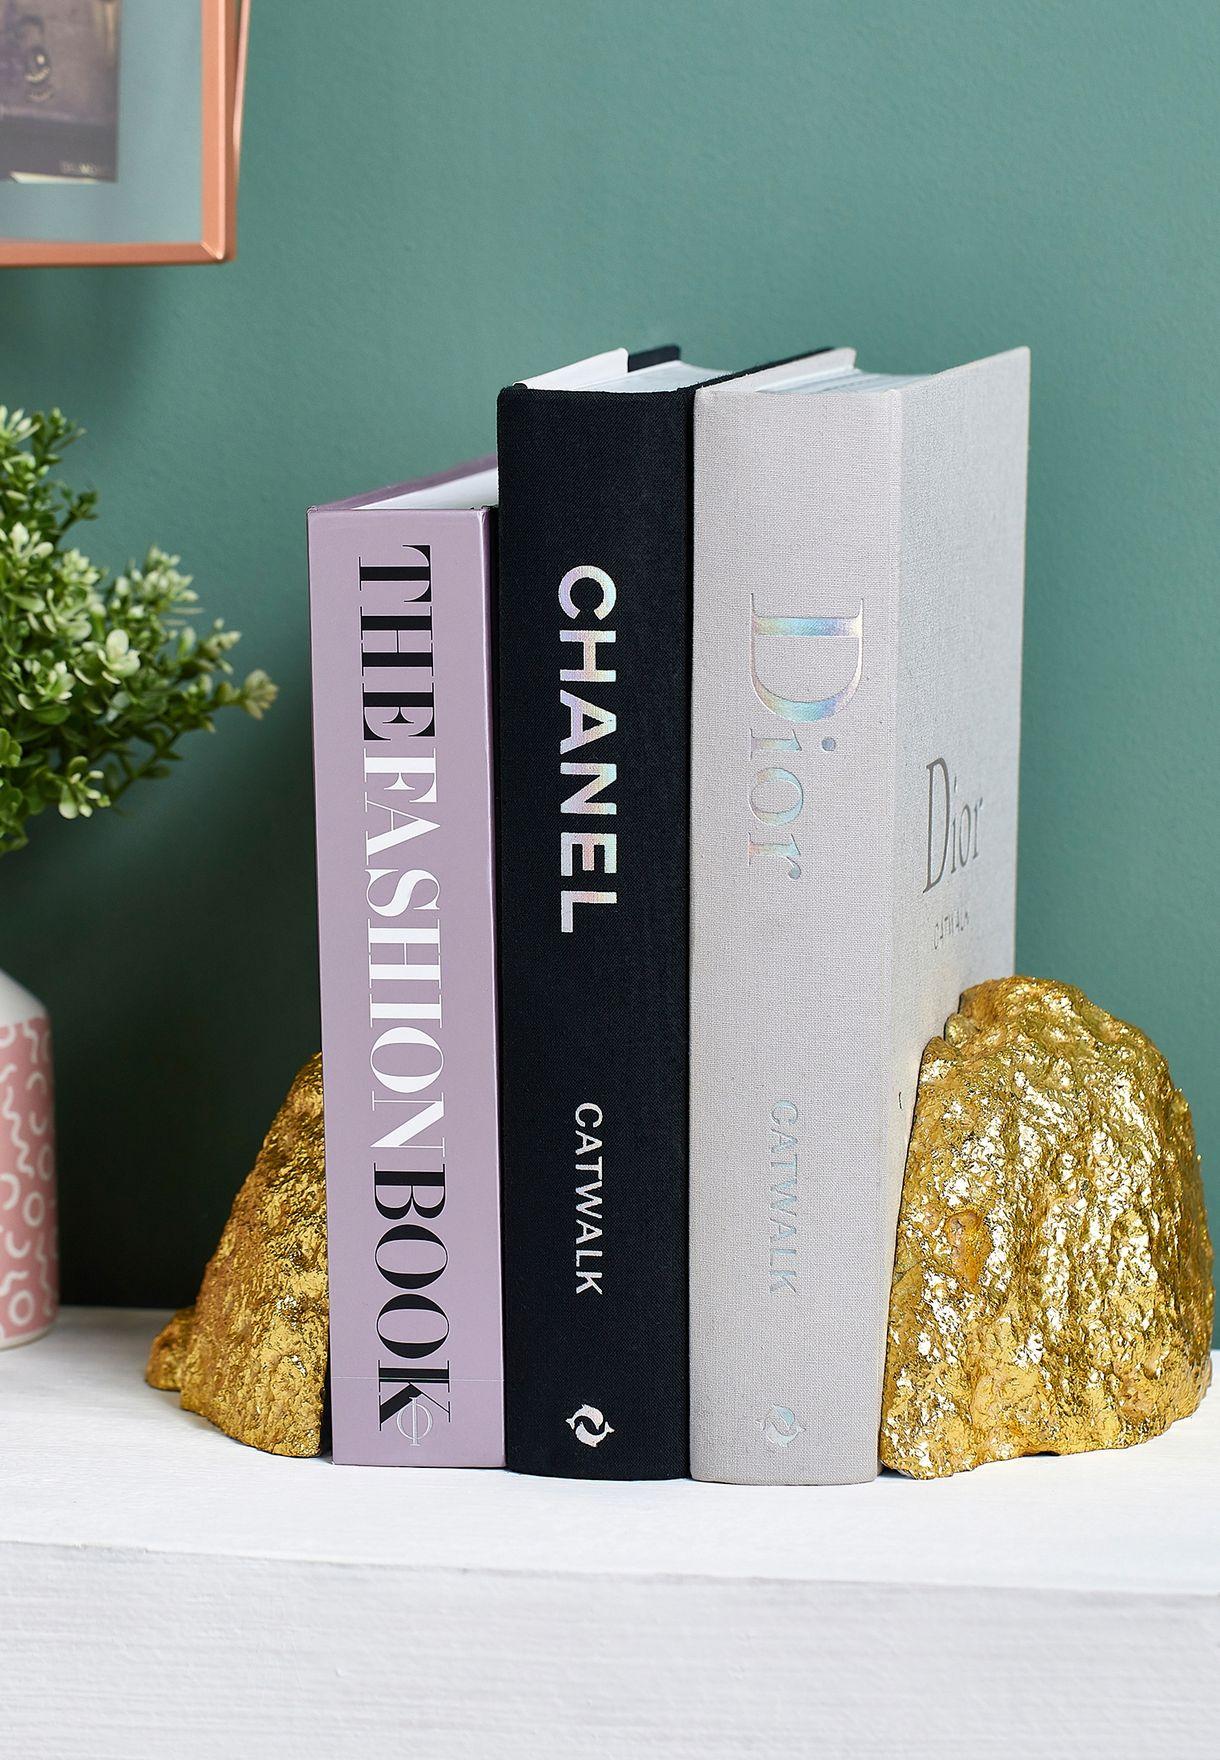 Agate Decorative Book Ends